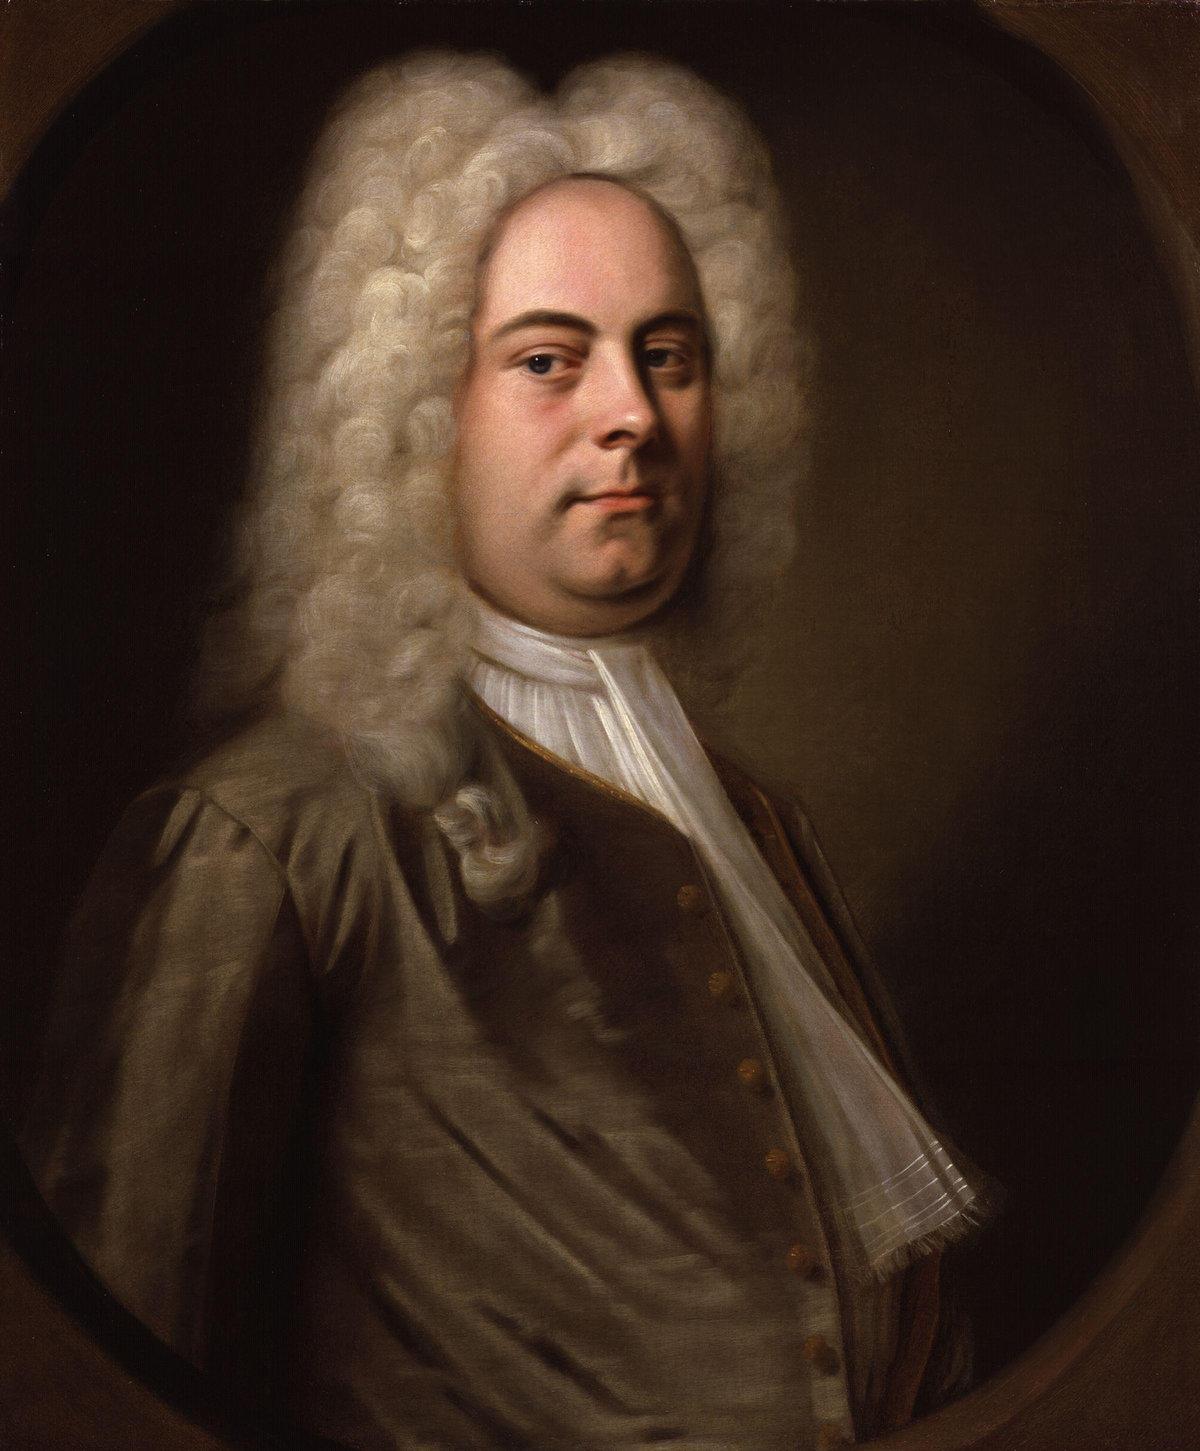 13 апреля 1742 года в Дублине впервые исполнена оратория «Мессия» Георга Фридриха Генделя